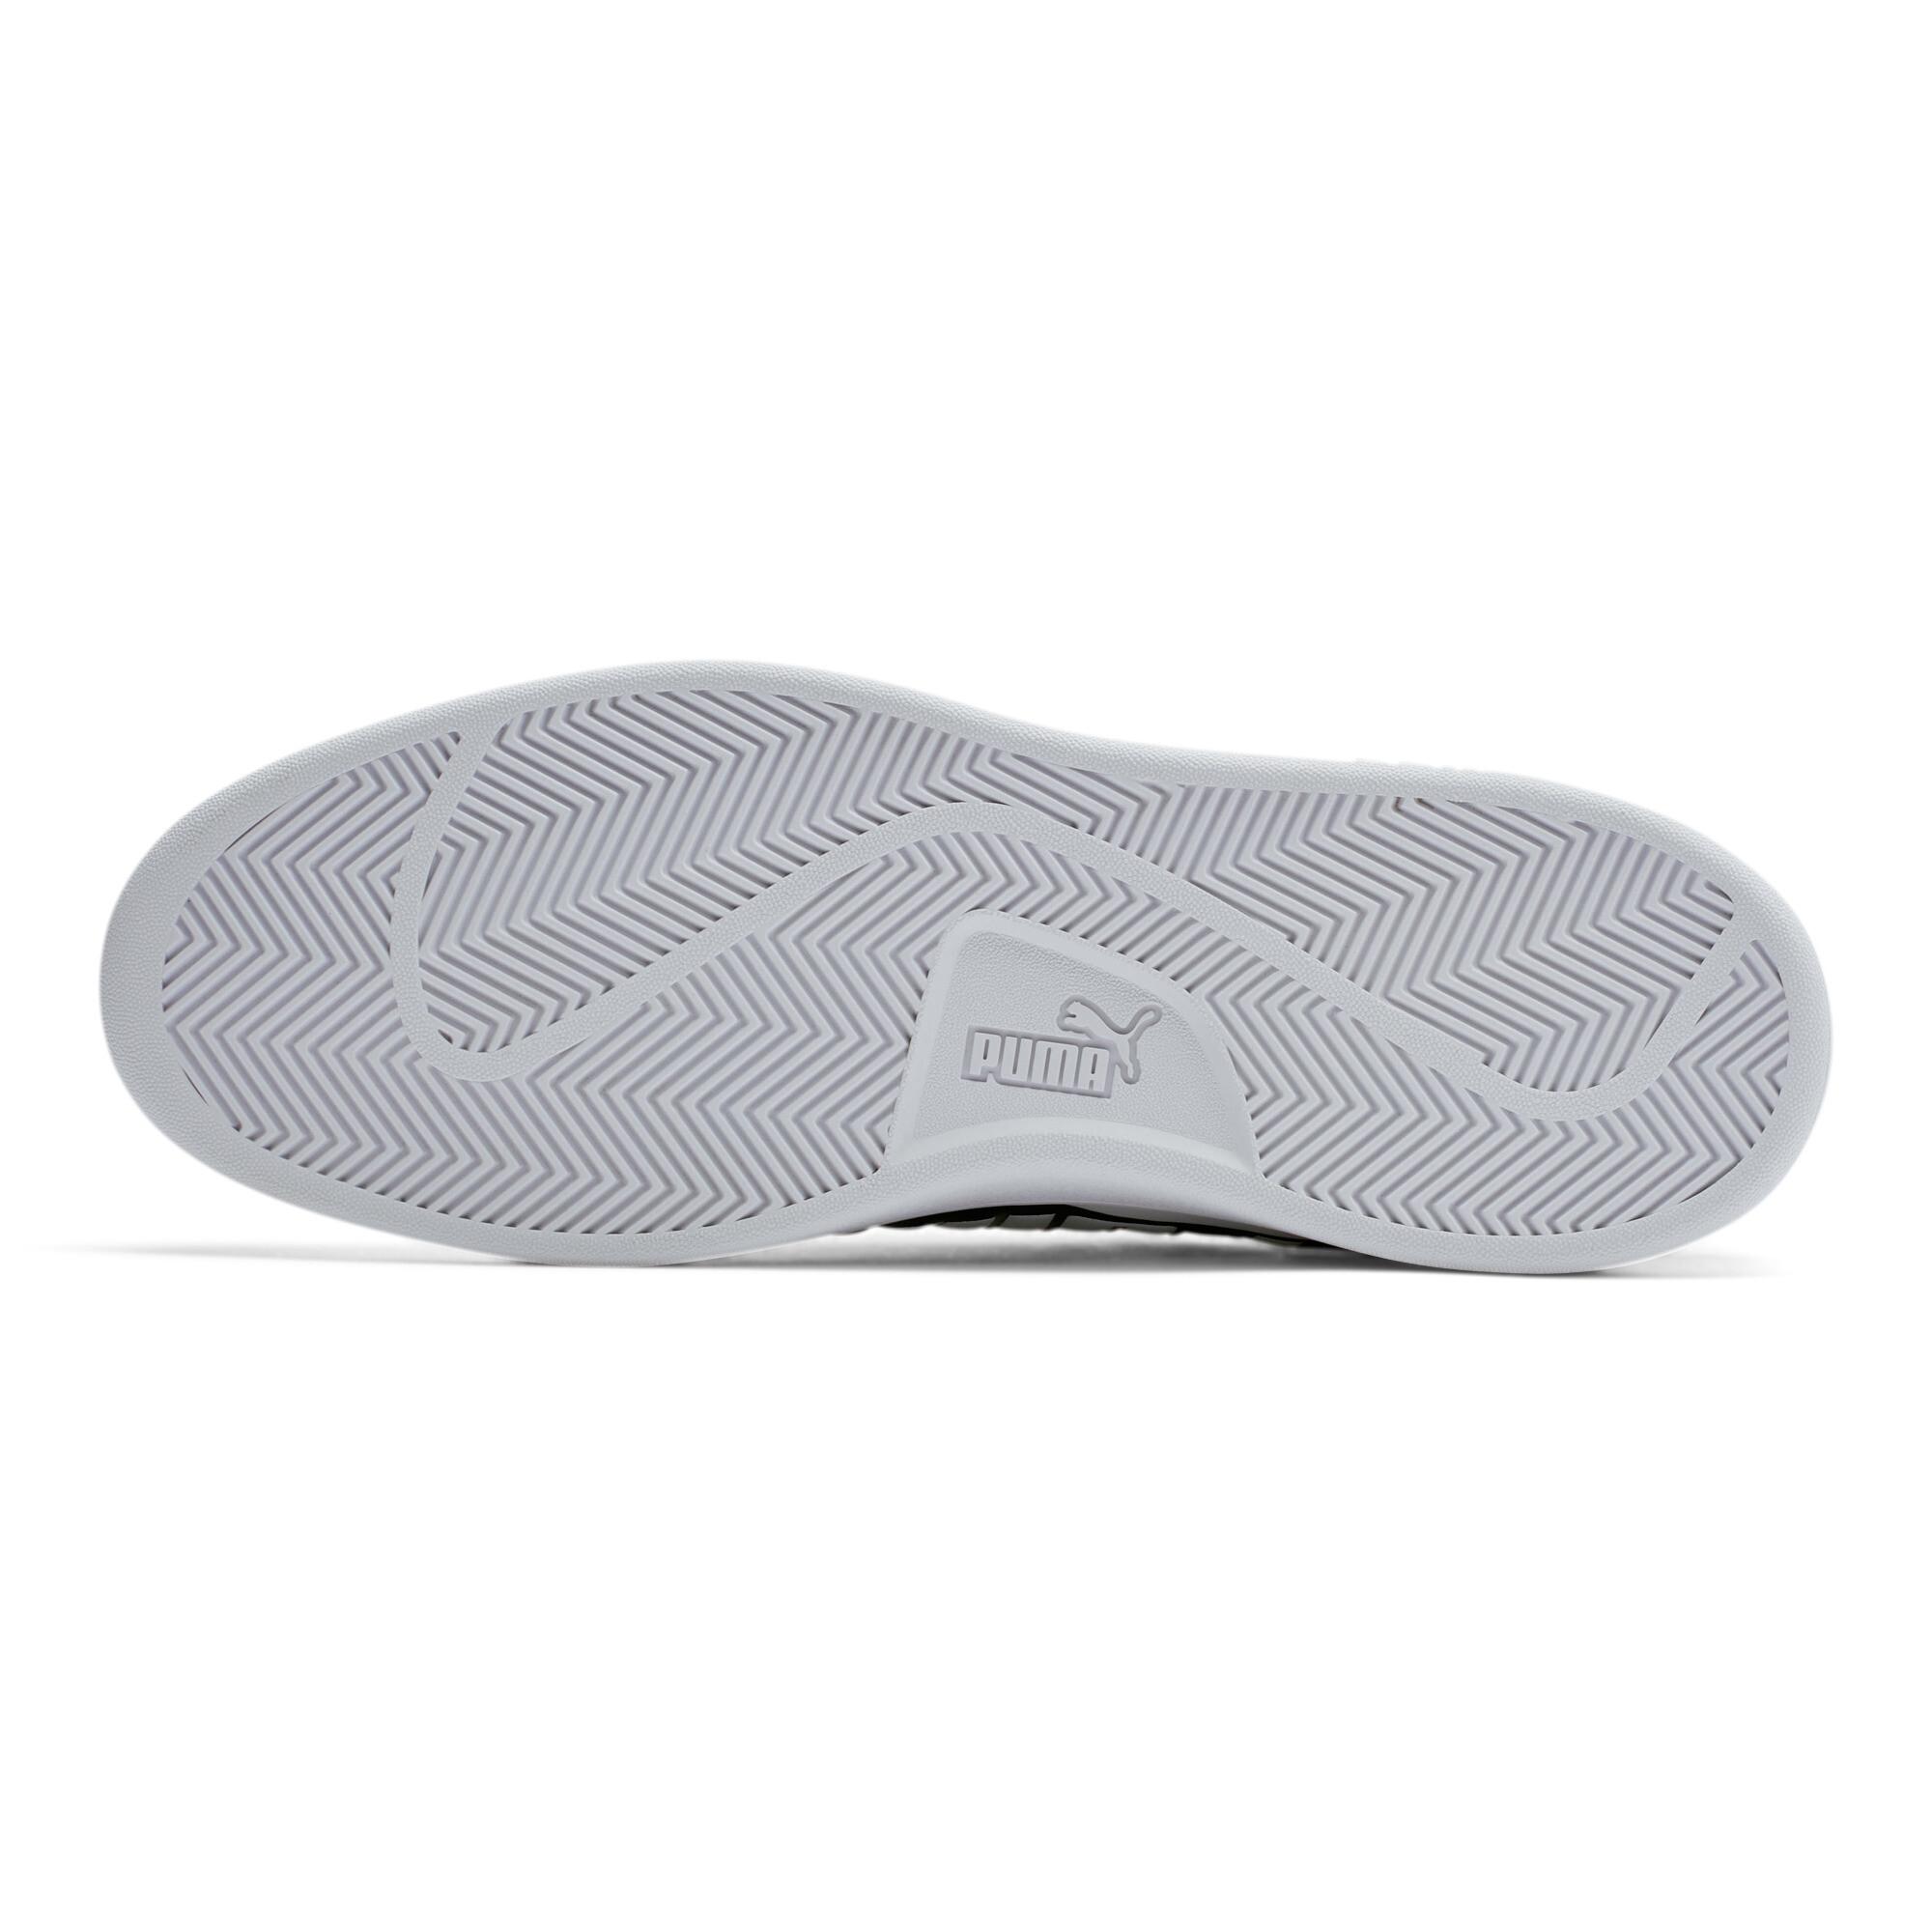 PUMA-PUMA-Smash-v2-Max-Sneakers-Men-Shoe-Basics thumbnail 15